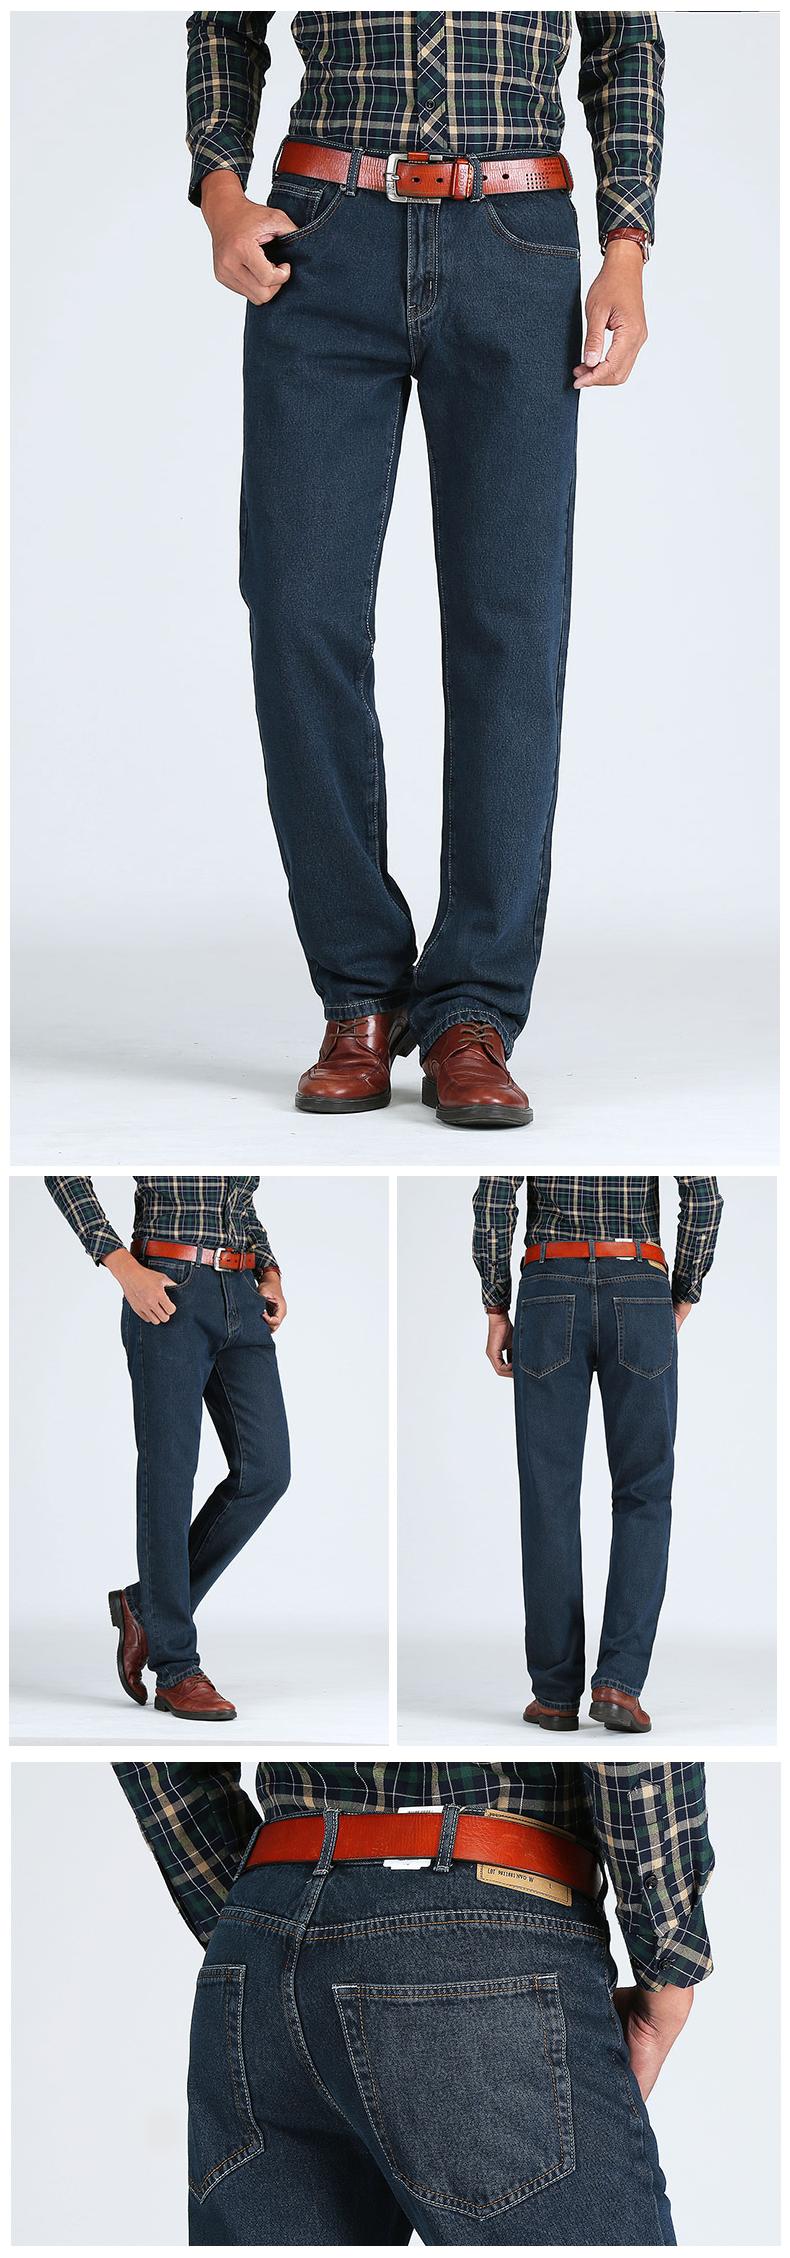 TIGER CASTLE Men Cotton Straight Classic Jeans Baggy Plus Size Spring Autumn Men's Denim Pants Straight Designer Trousers Male 17